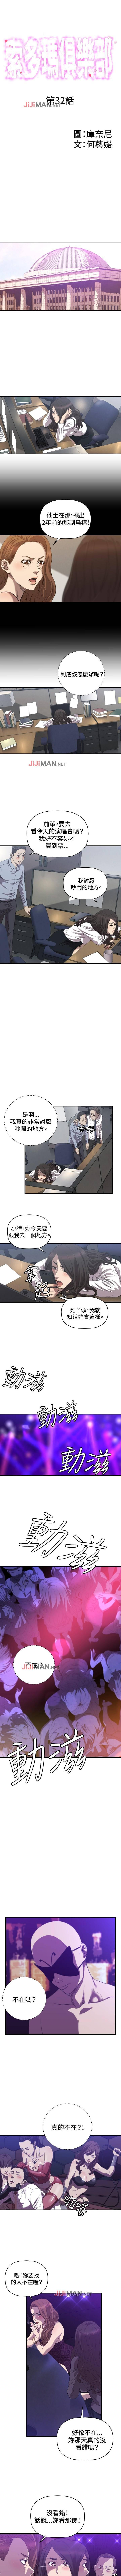 【已完结】索多玛俱乐部(作者:何藝媛&庫奈尼) 第1~32话 147